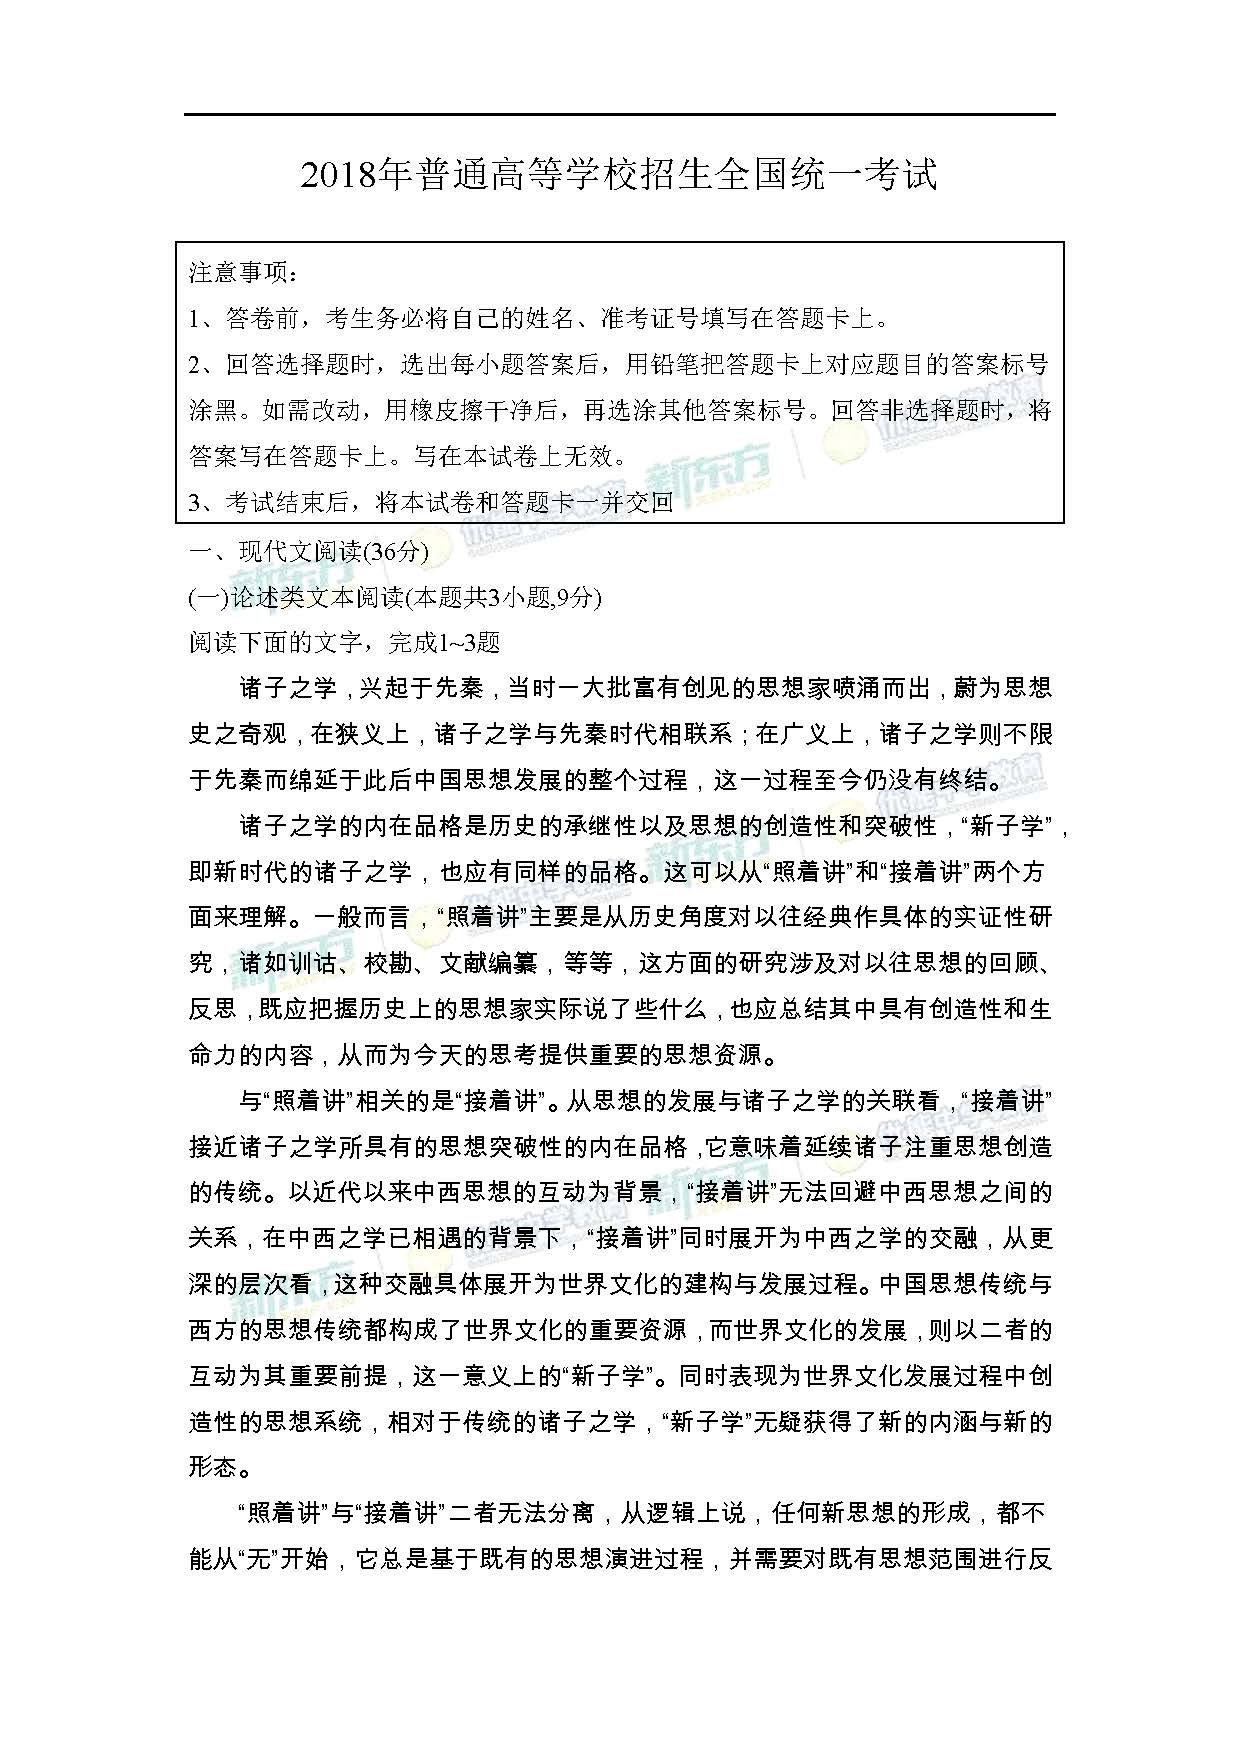 2018全国卷1高考语文试题及答案解析(太原新东方)